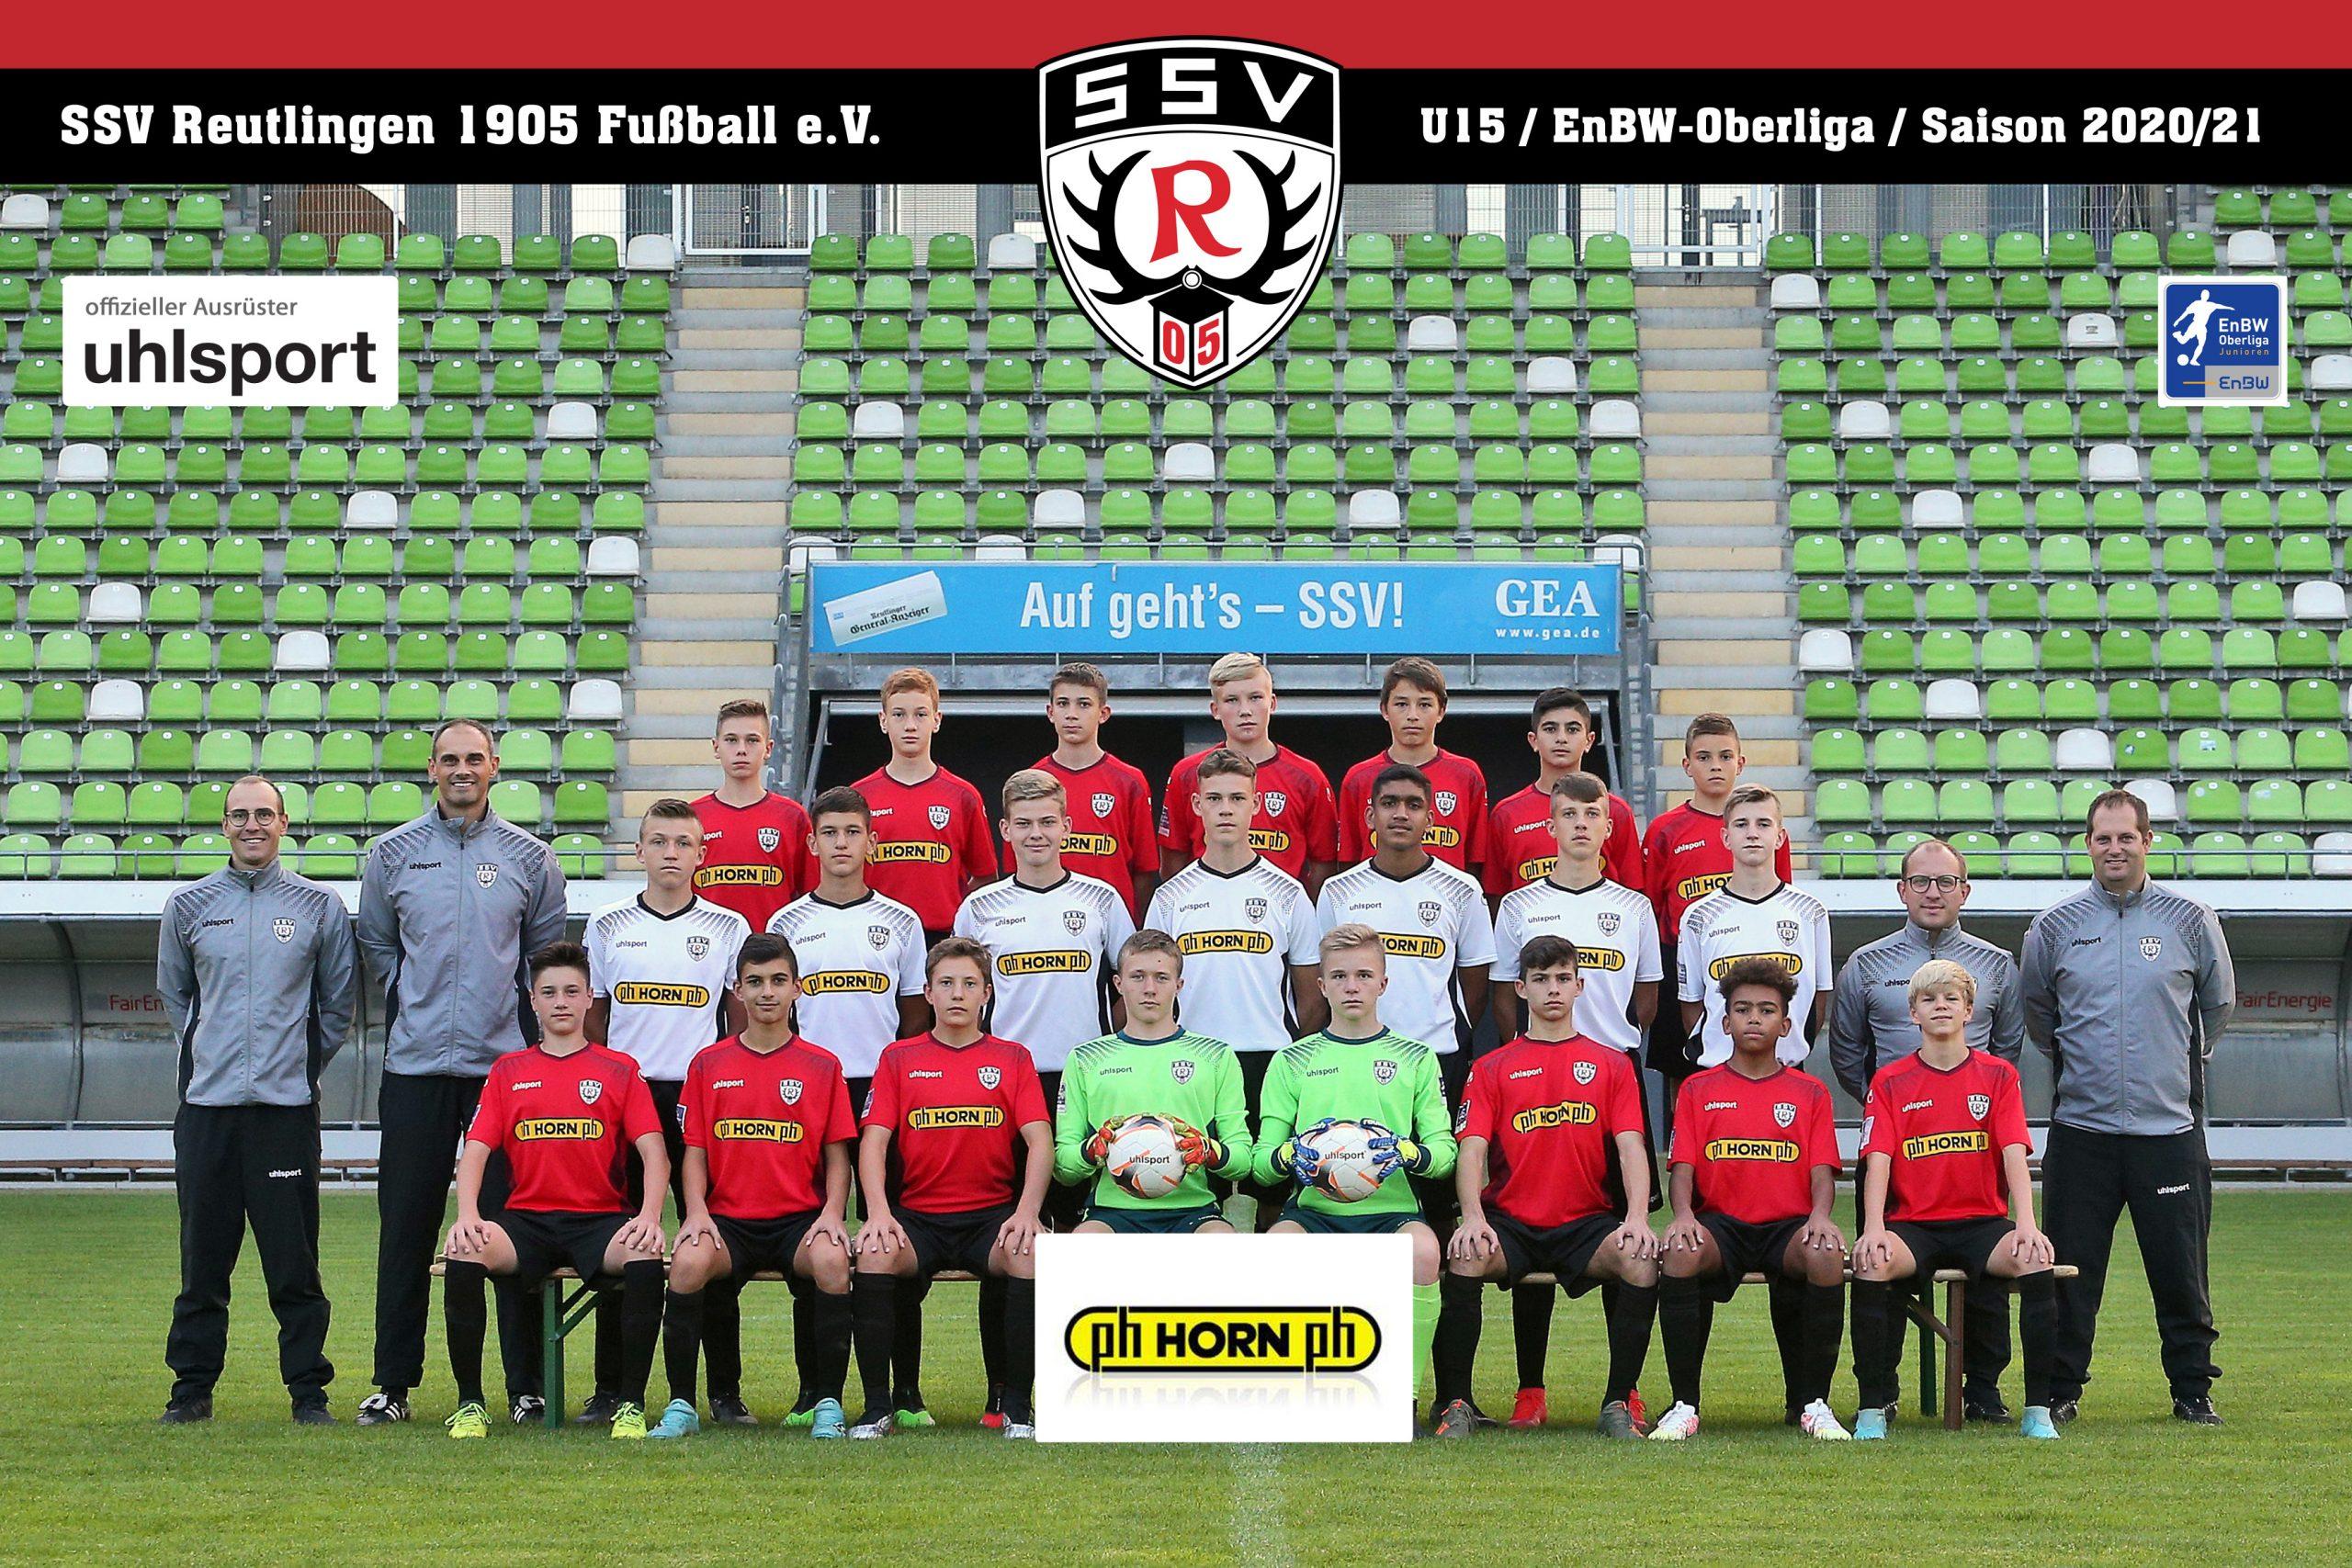 Fussball | SSV Reutlingen / Mannschaft U15 - Saison 2020/21